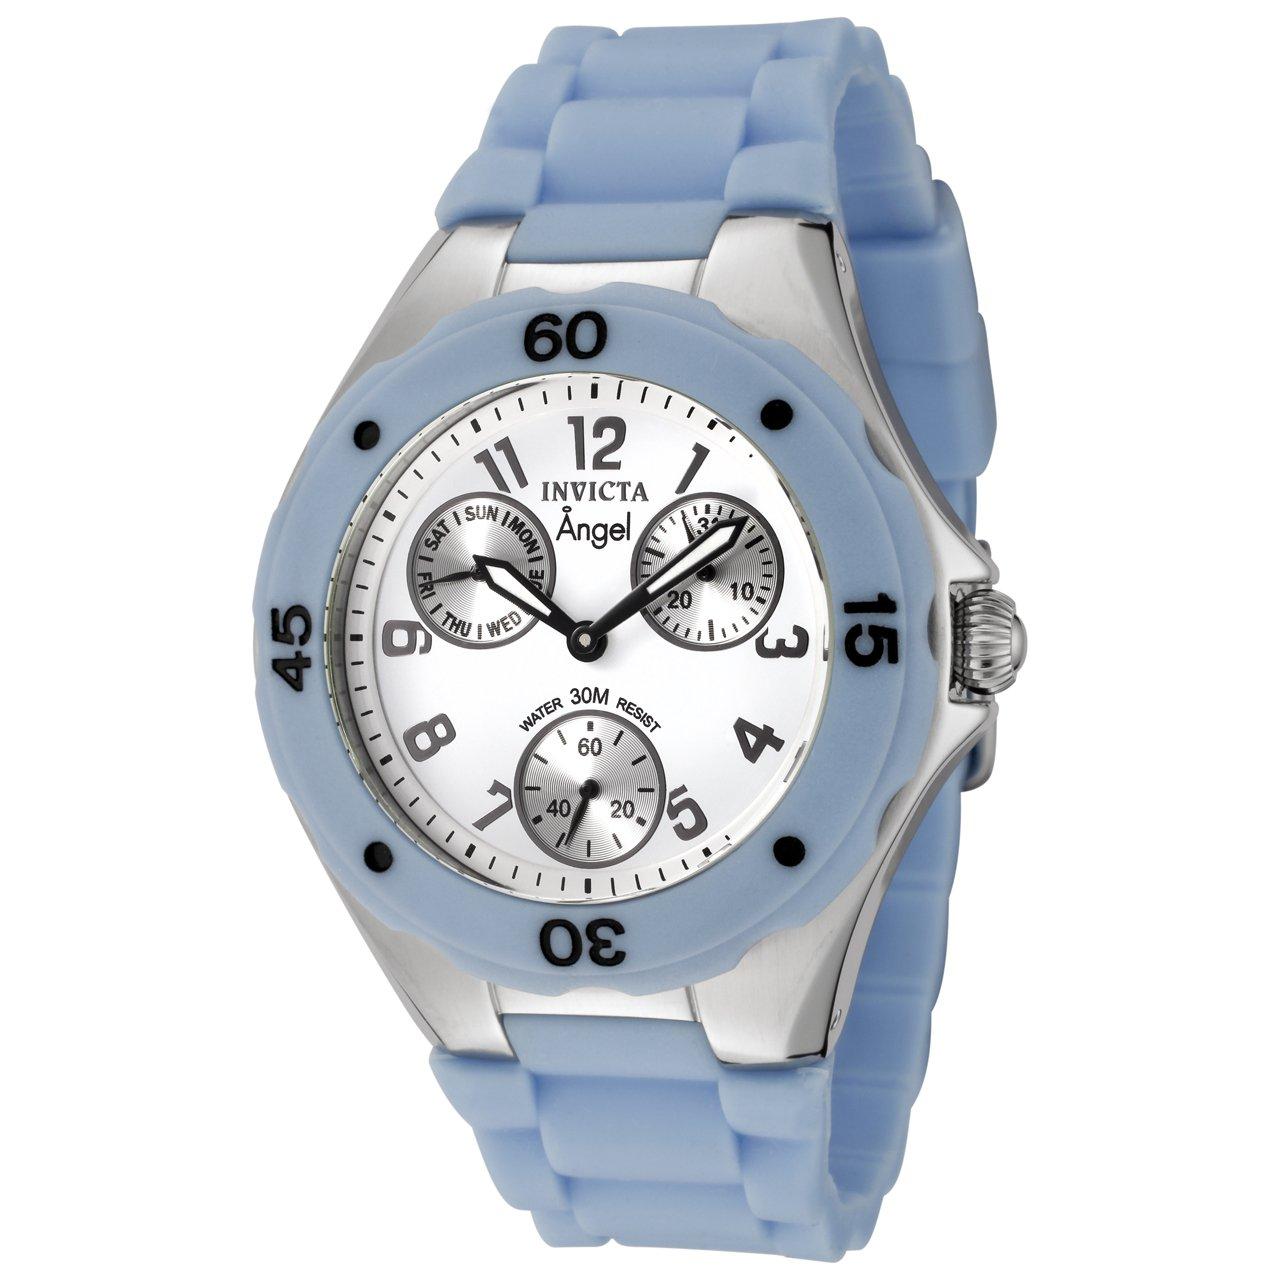 s watches r5400 invicta s 0735